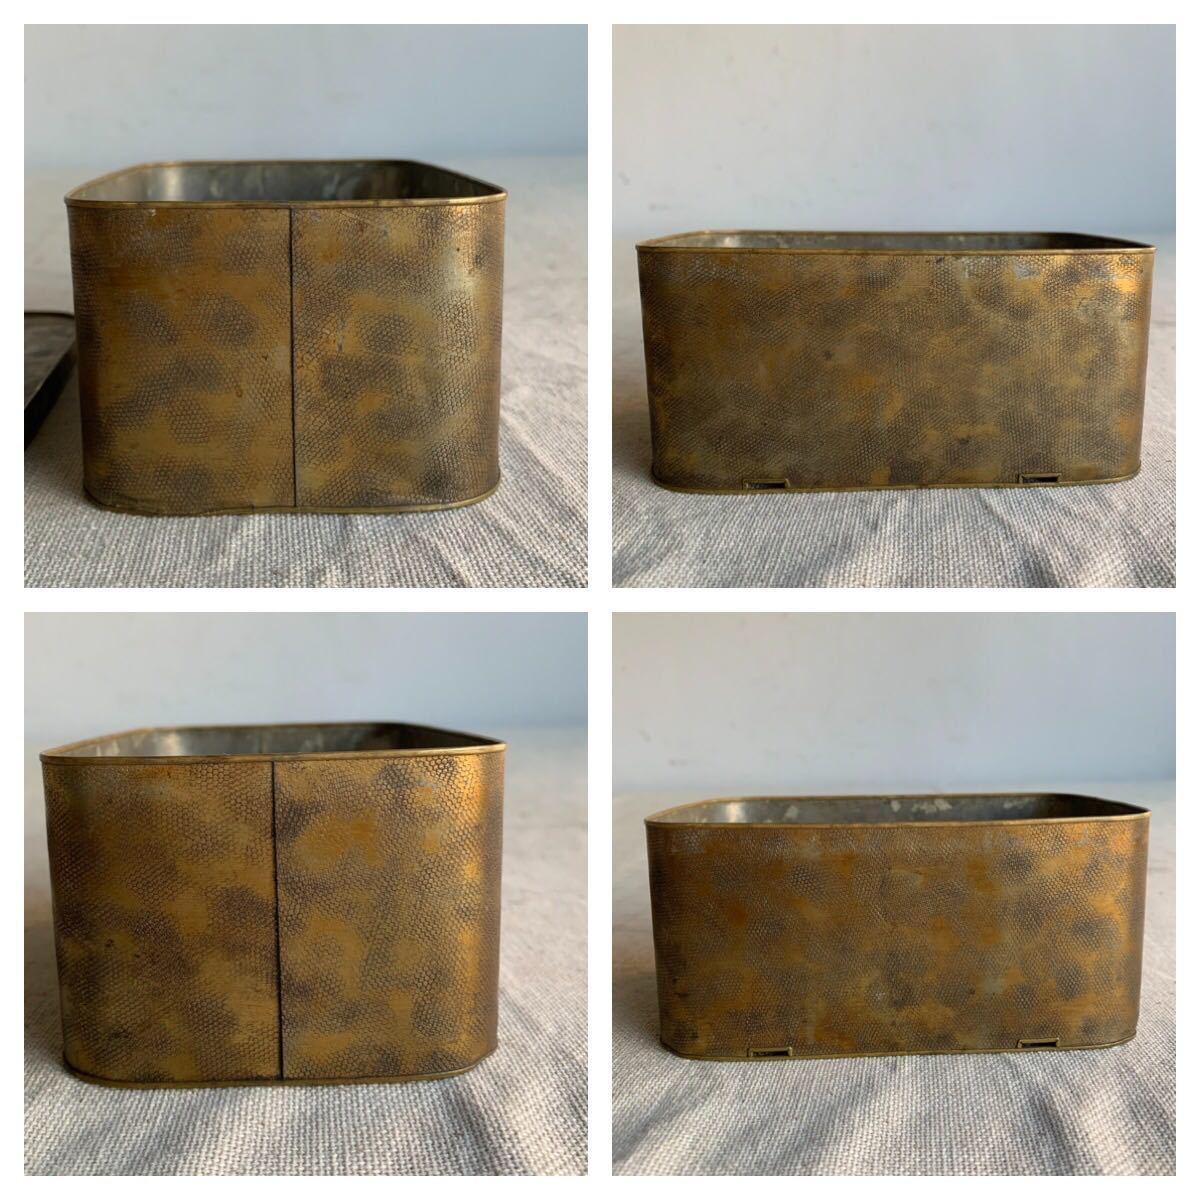 古い真鍮製の入れ子箱2個セット ケース収納旧家蔵出レトロ古民家古道具古物骨董アンティークビンテージシャビーインテリアディスプレイ整理_画像5